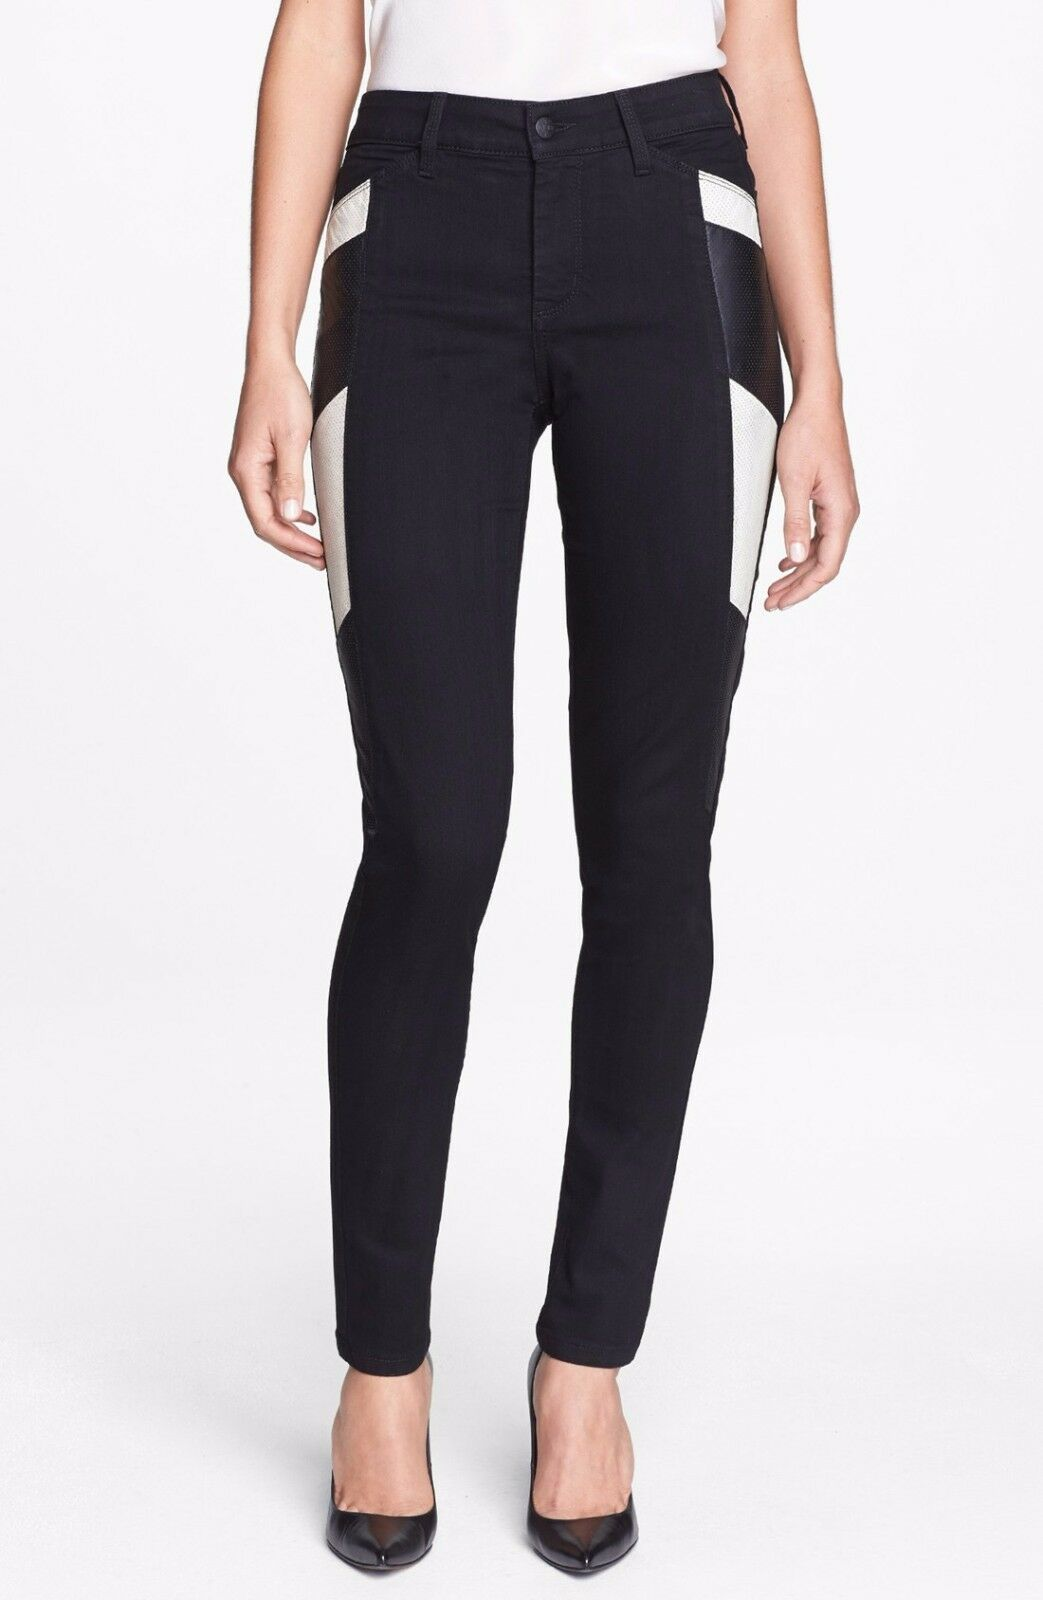 Nouveau NYDJ Not Your Daughters Jeans Pantalon Aiden Panel Leggings Noir 8